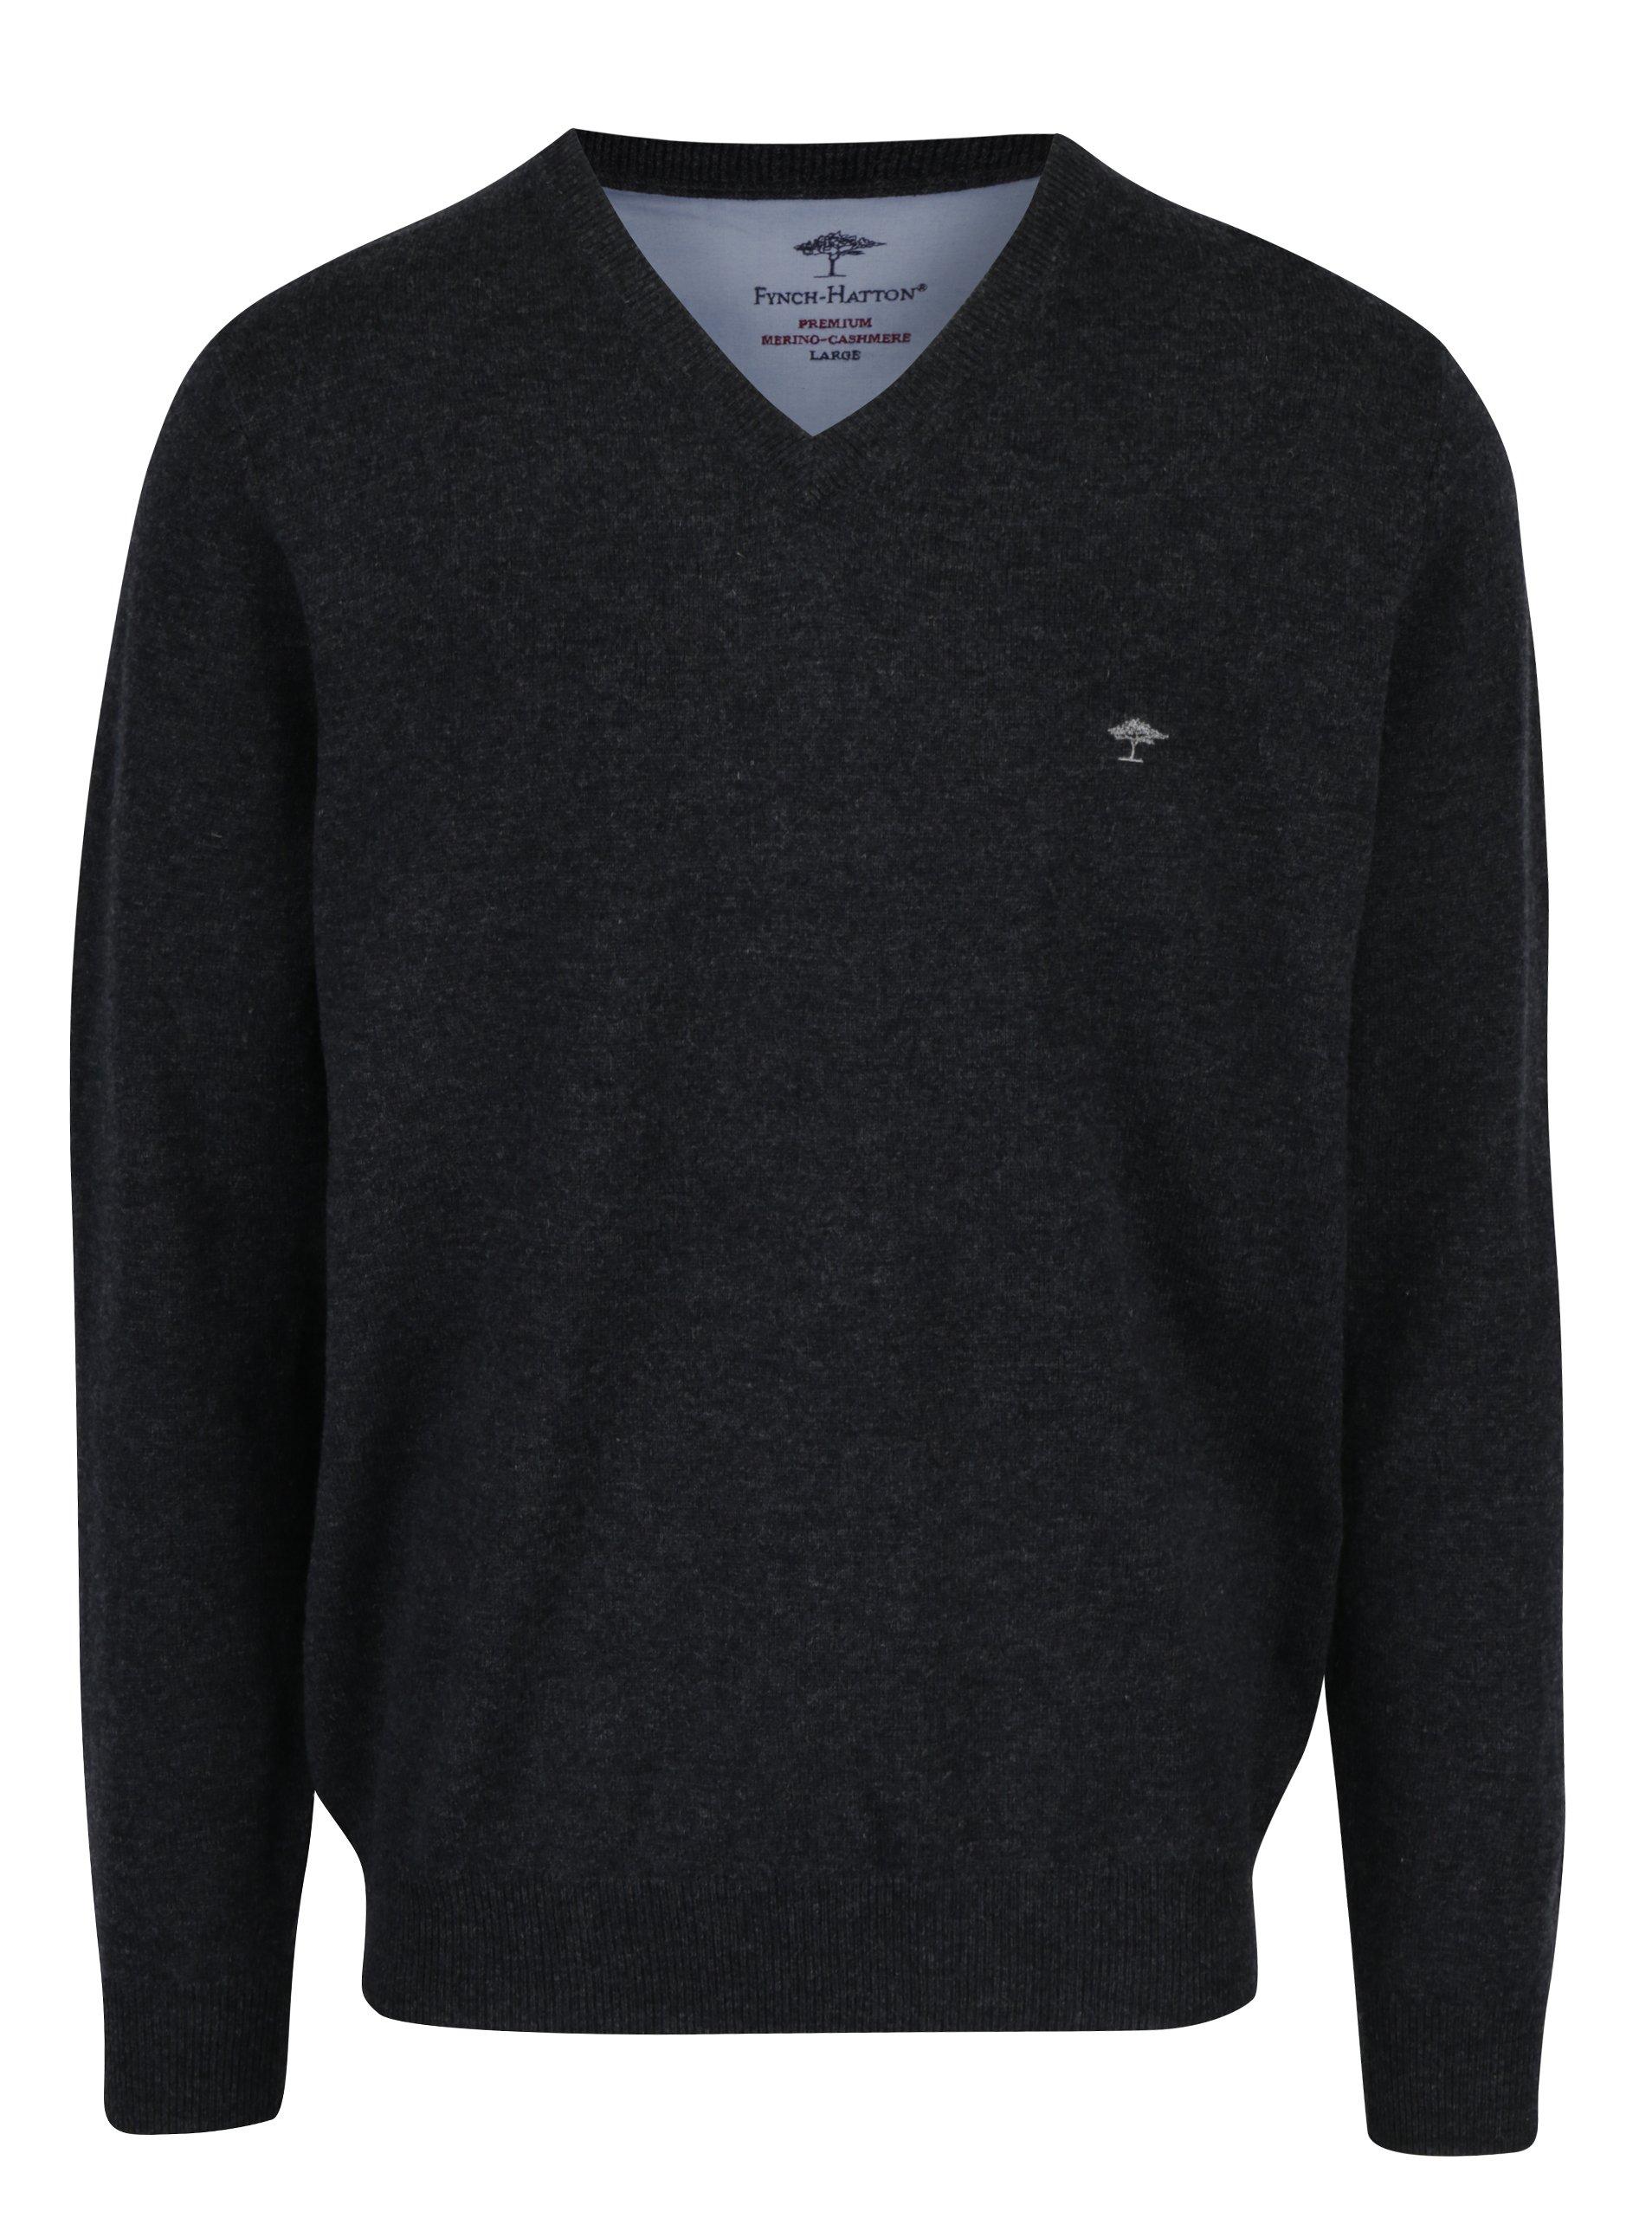 Tmavě šedý žíhaný vlněný svetr s příměsí kašmíru Fynch-Hatton